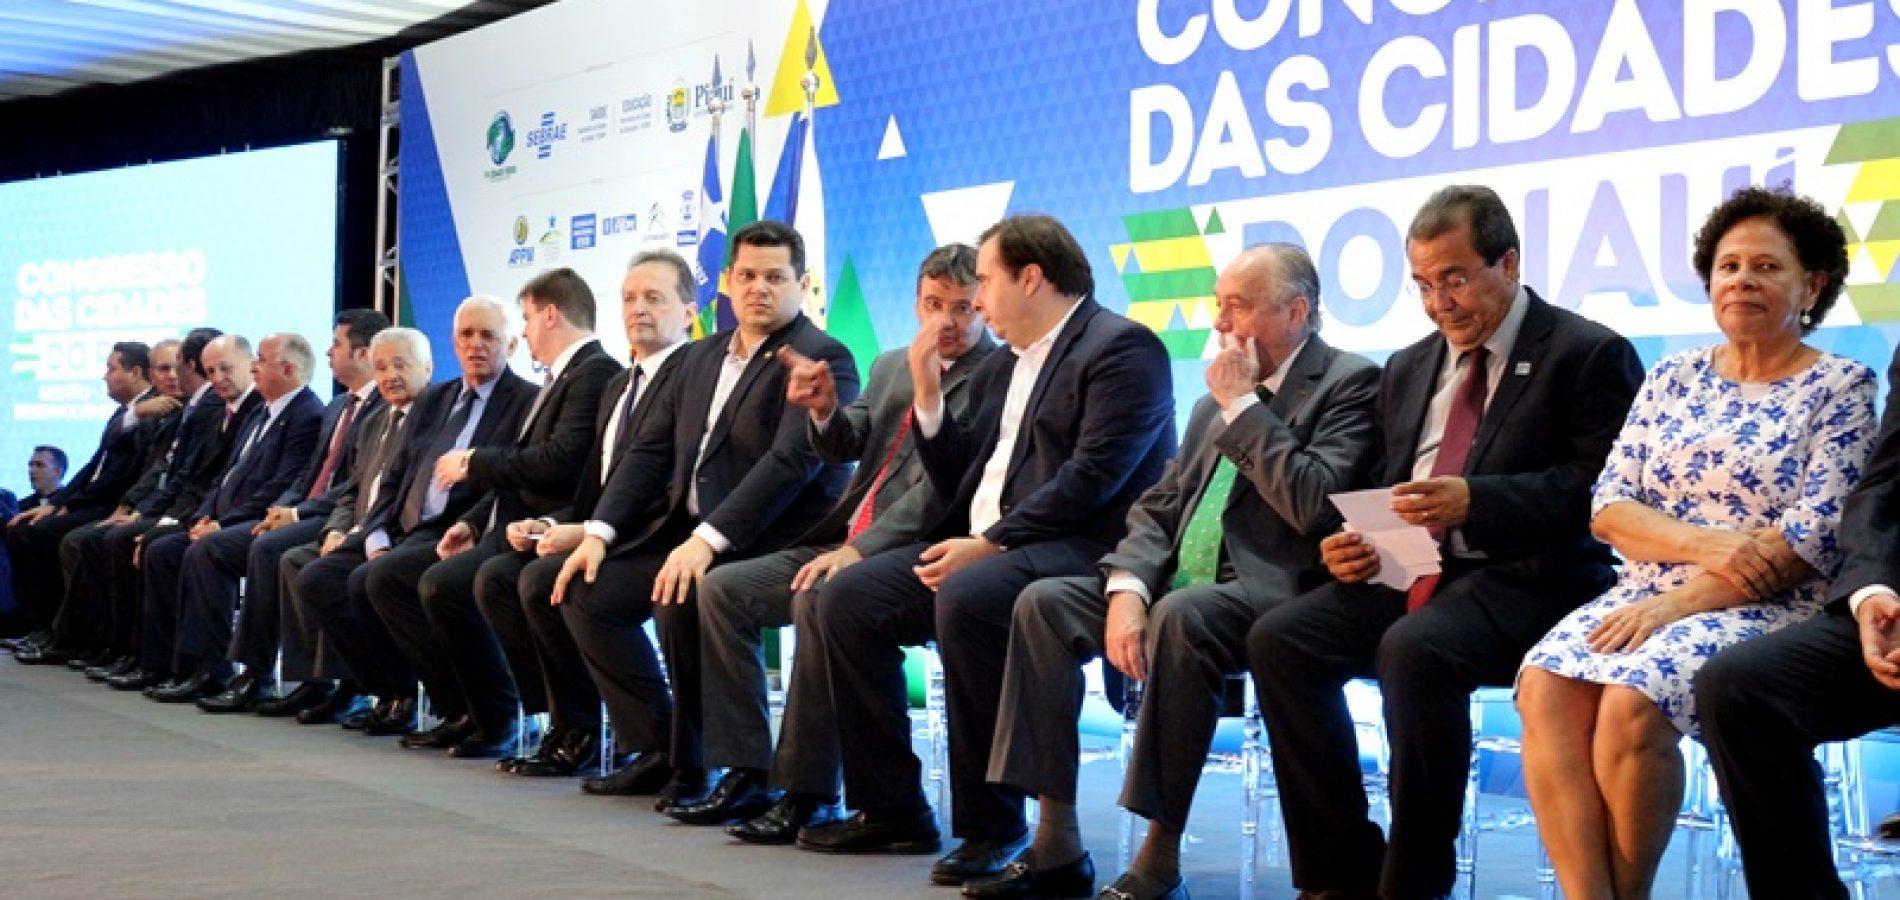 Confira fotos do II Congresso das Cidades em Teresina – 1º dia